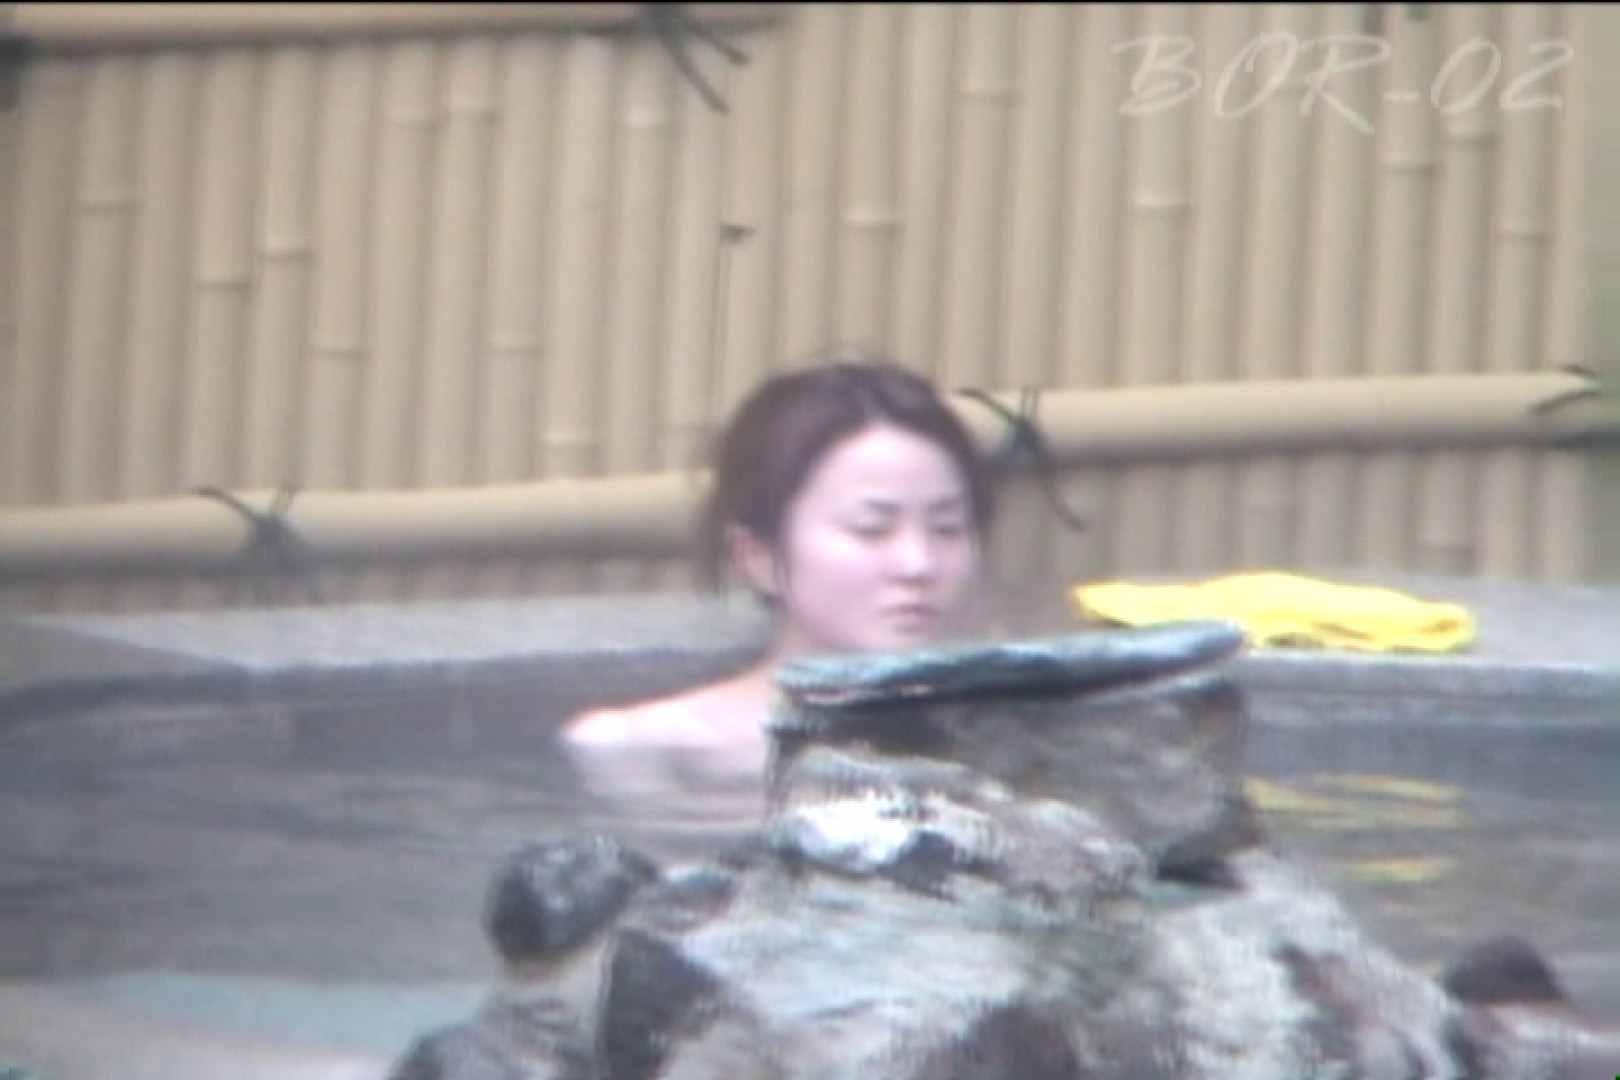 Aquaな露天風呂Vol.474 盗撮シリーズ  111PIX 44